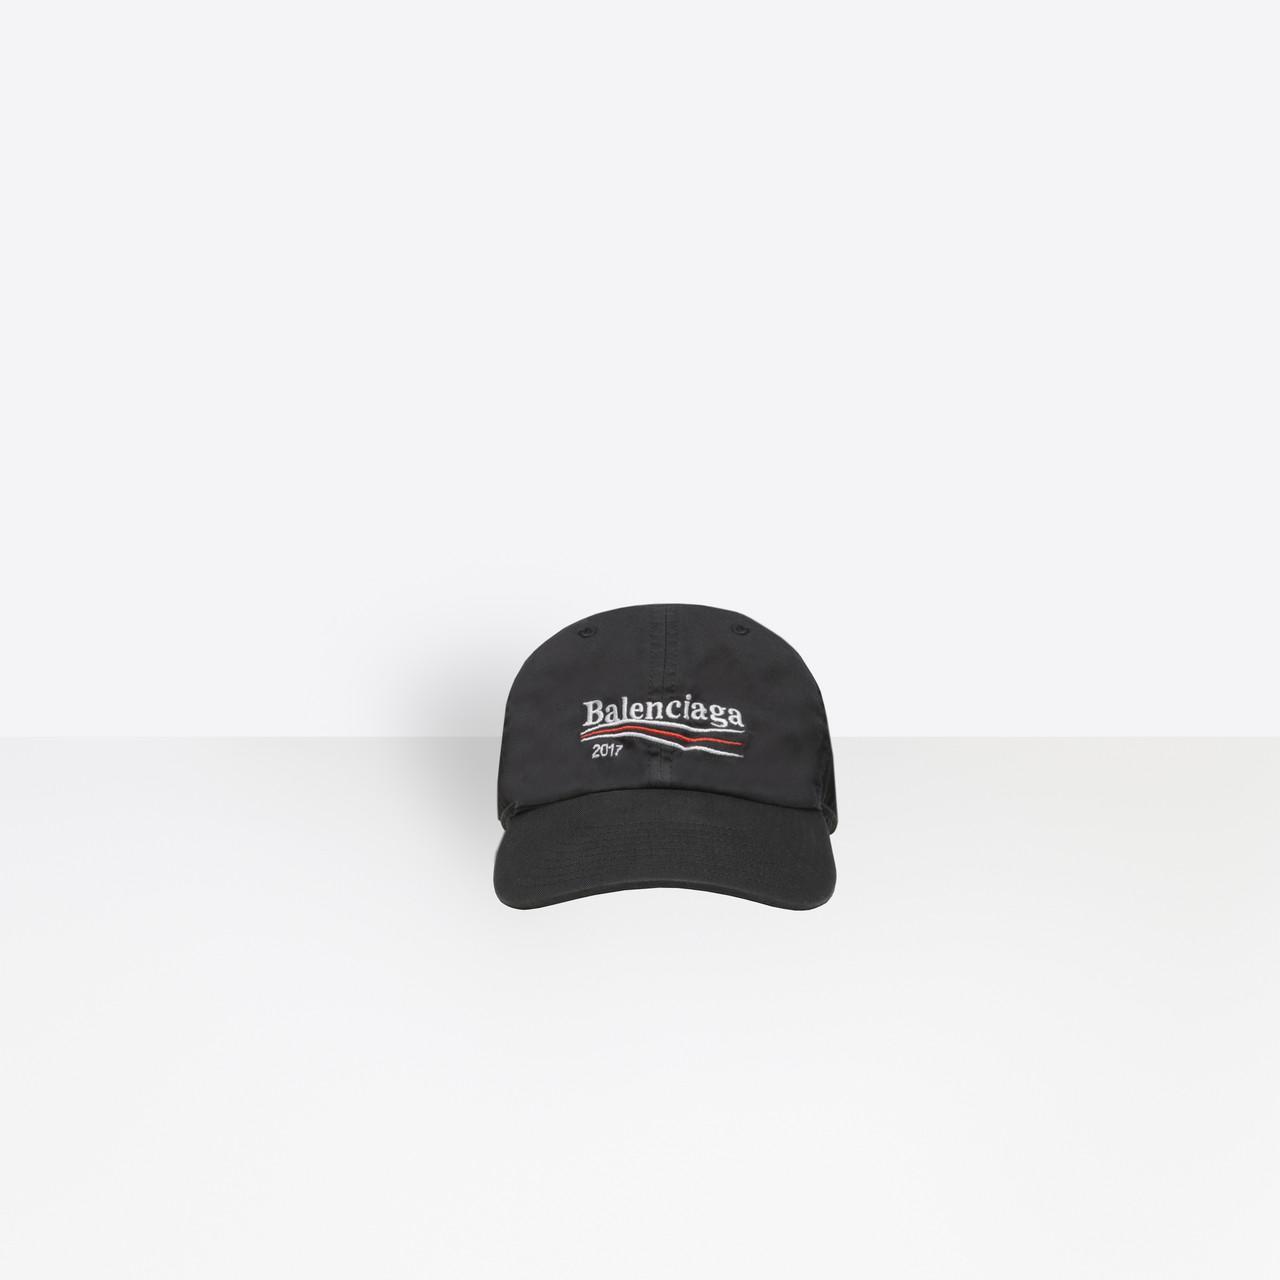 4931e9d0940cb Balenciaga - Black 2017 Cap for Men - Lyst. View fullscreen